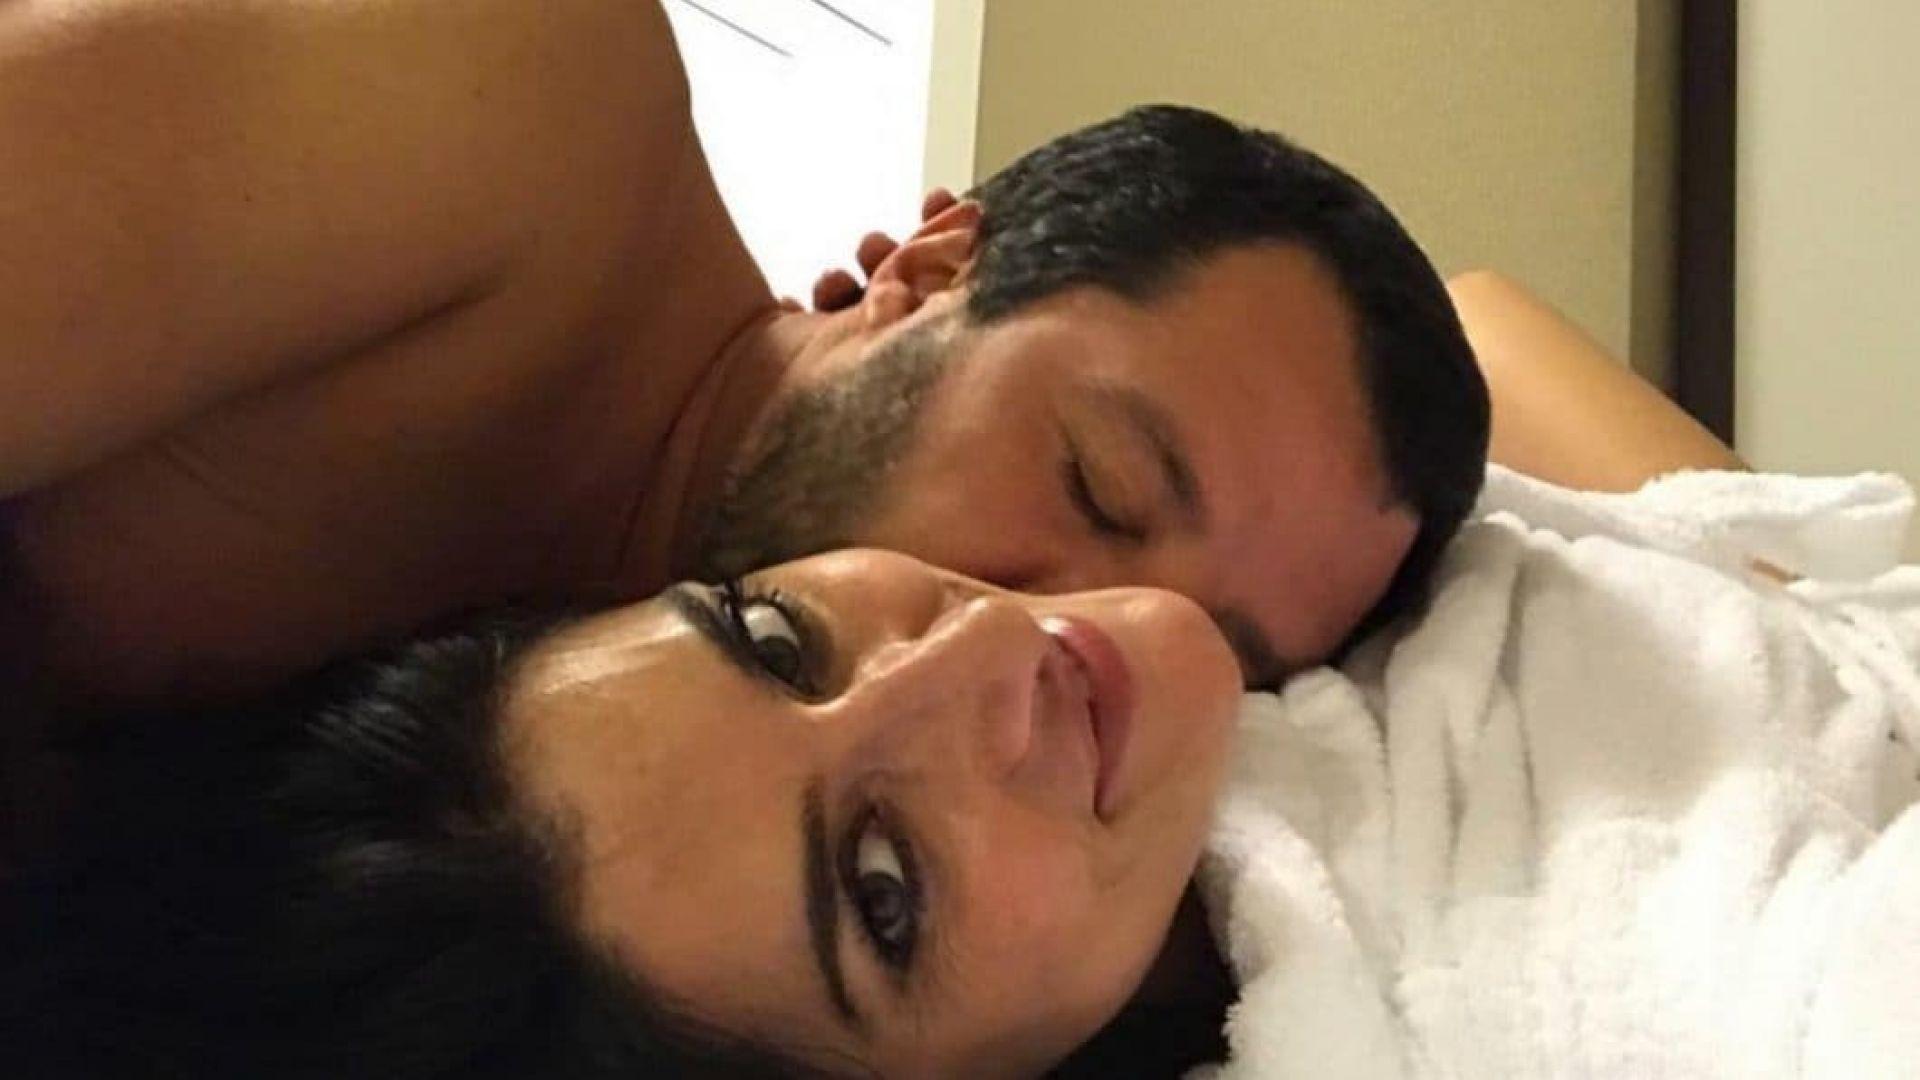 Приятелката на вицепремиера на Италия му каза сбогом със селфи в леглото